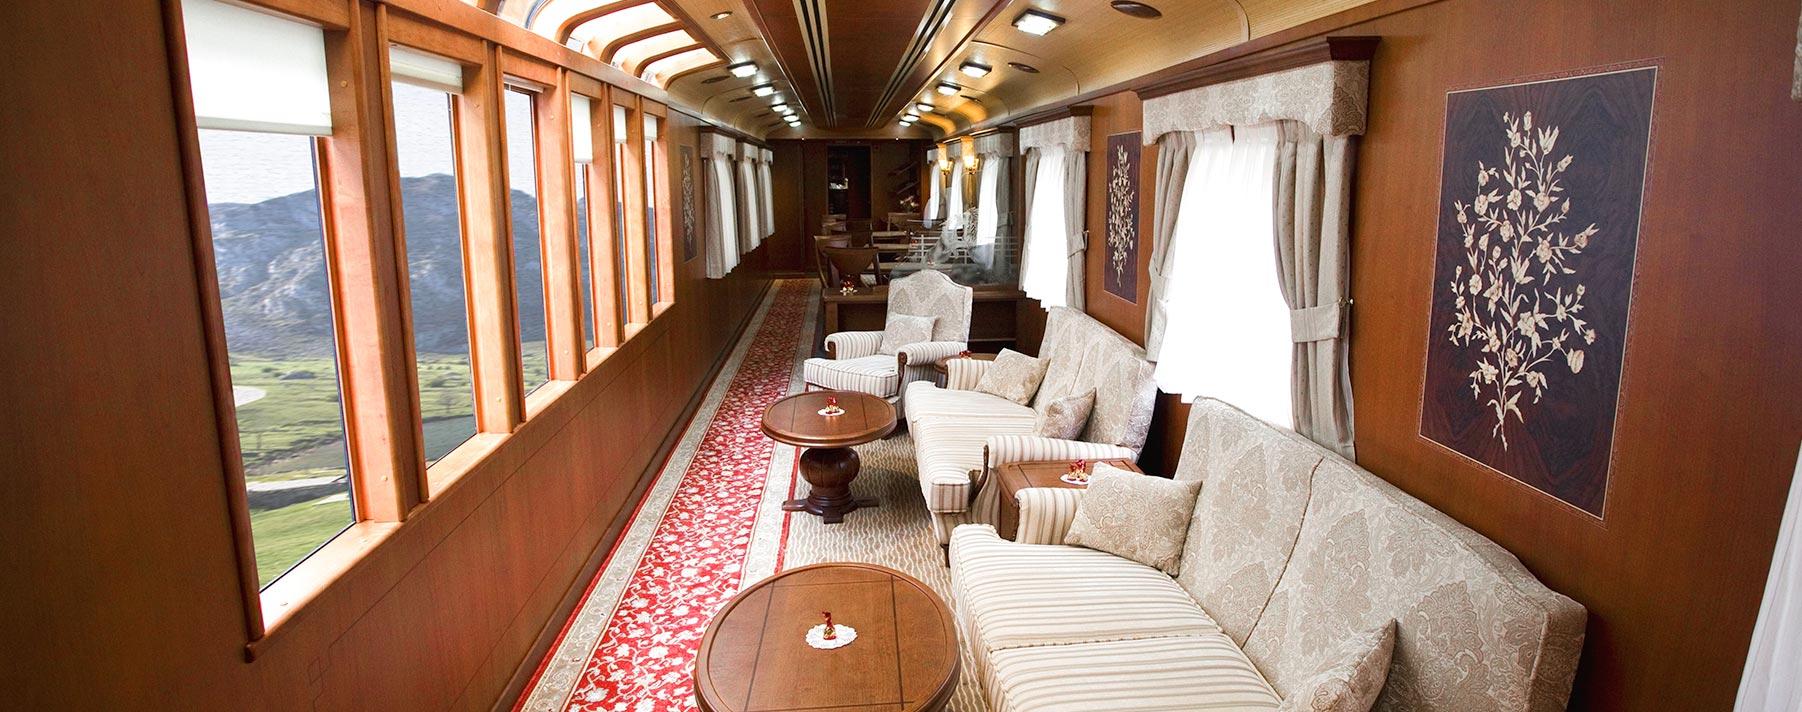 El Transcantábrico Gran Lujo es un tren que evoca la nostalgia y el encanto de aquellos grandes expresos de principios del siglo XX.